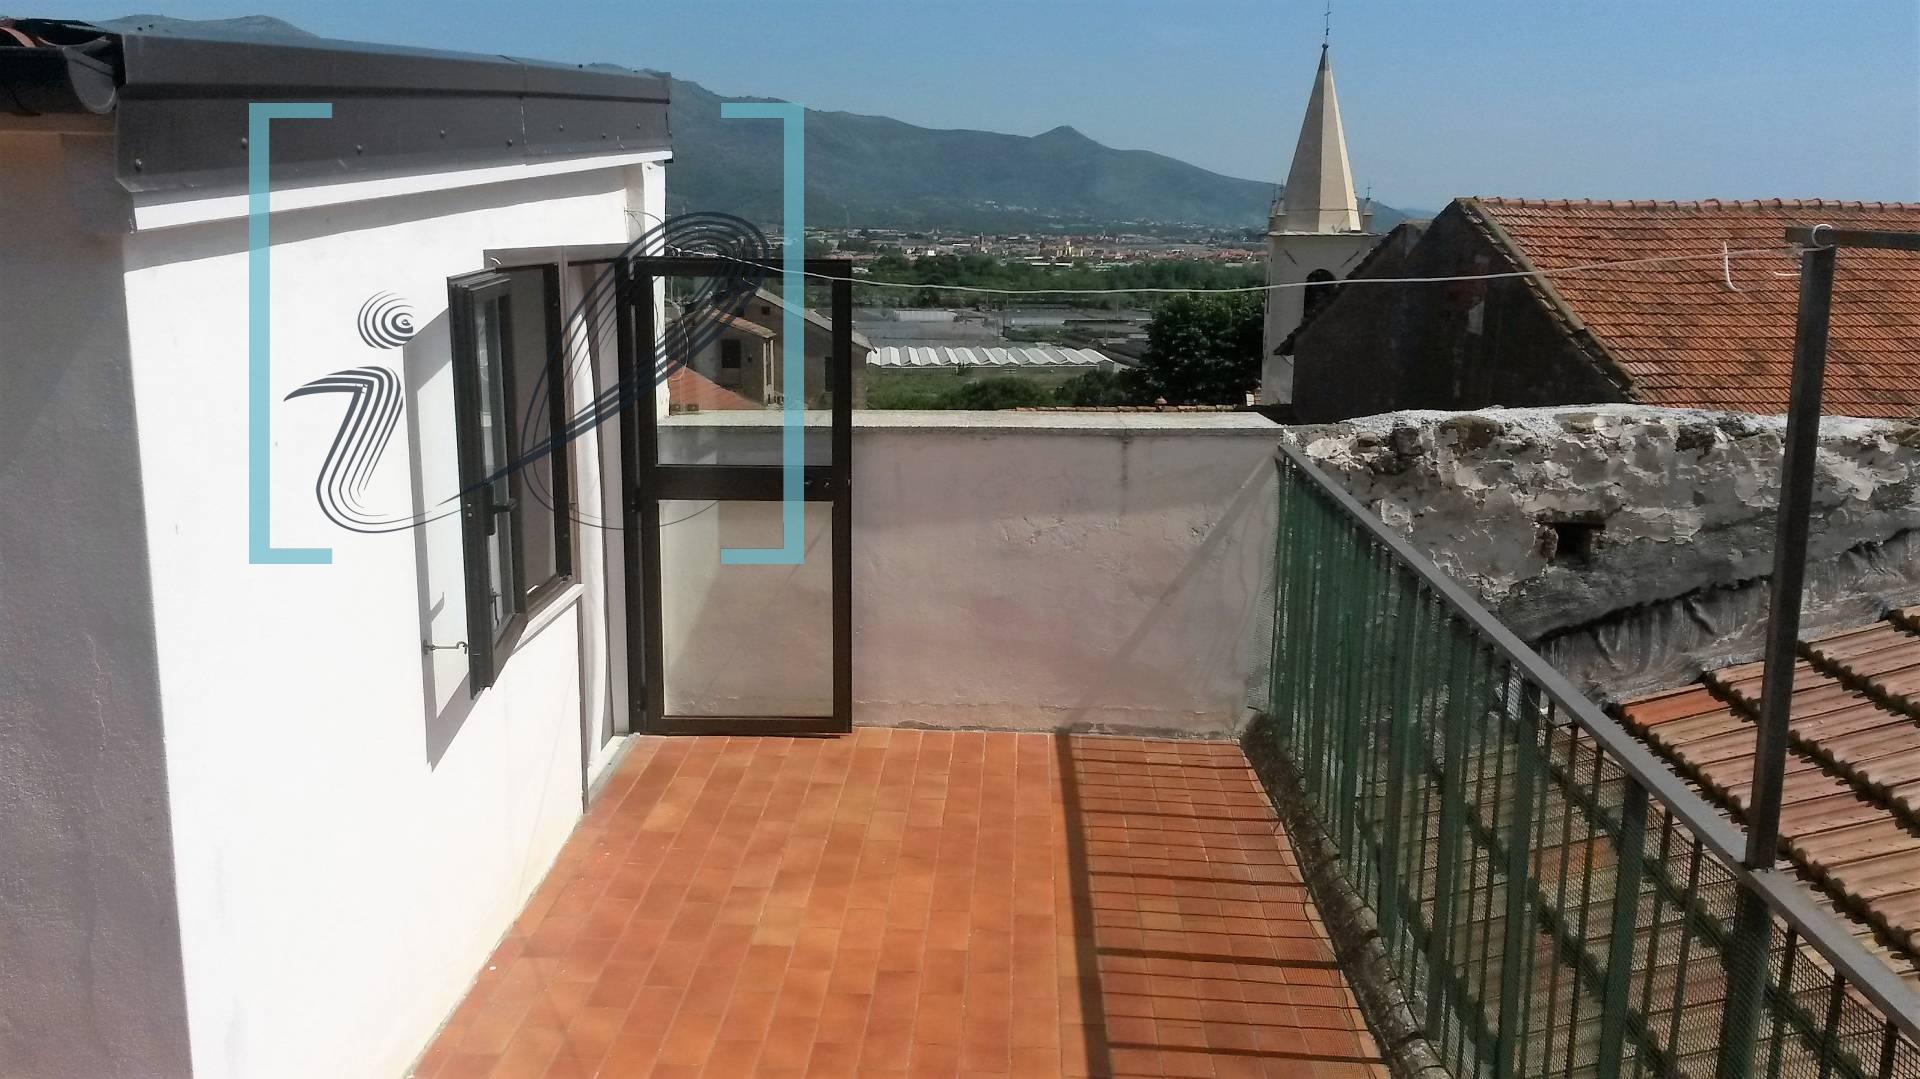 Rustico / Casale in vendita a Albenga, 5 locali, zona Zona: Lusignano, prezzo € 180.000 | Cambio Casa.it